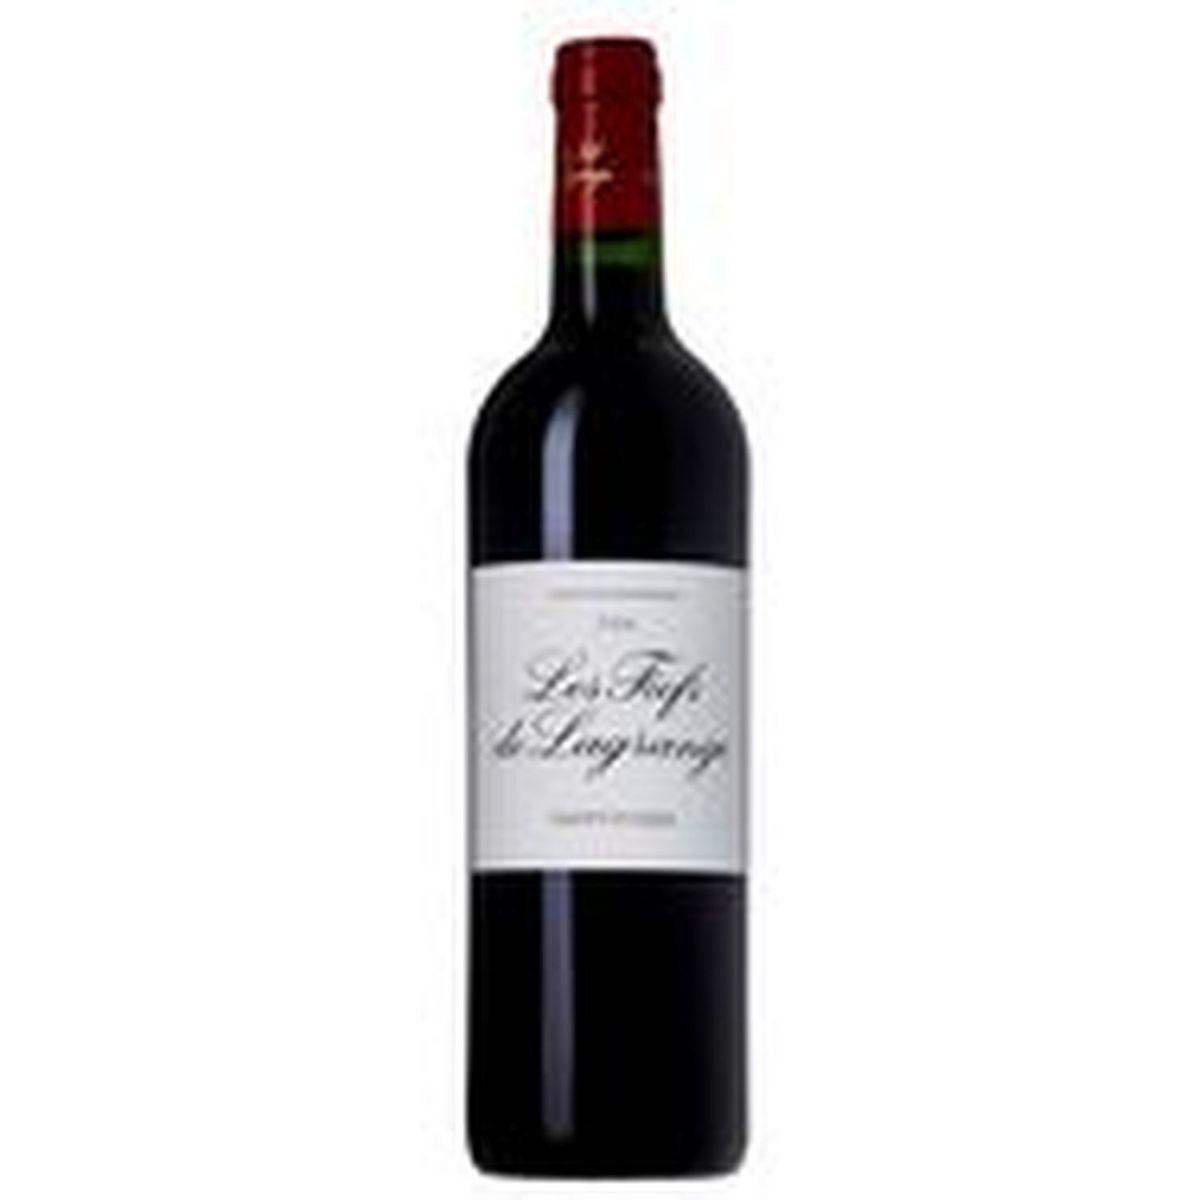 AOP Saint Julien Second Vin Les Fiefs de Lagrange Second vin rouge 2016